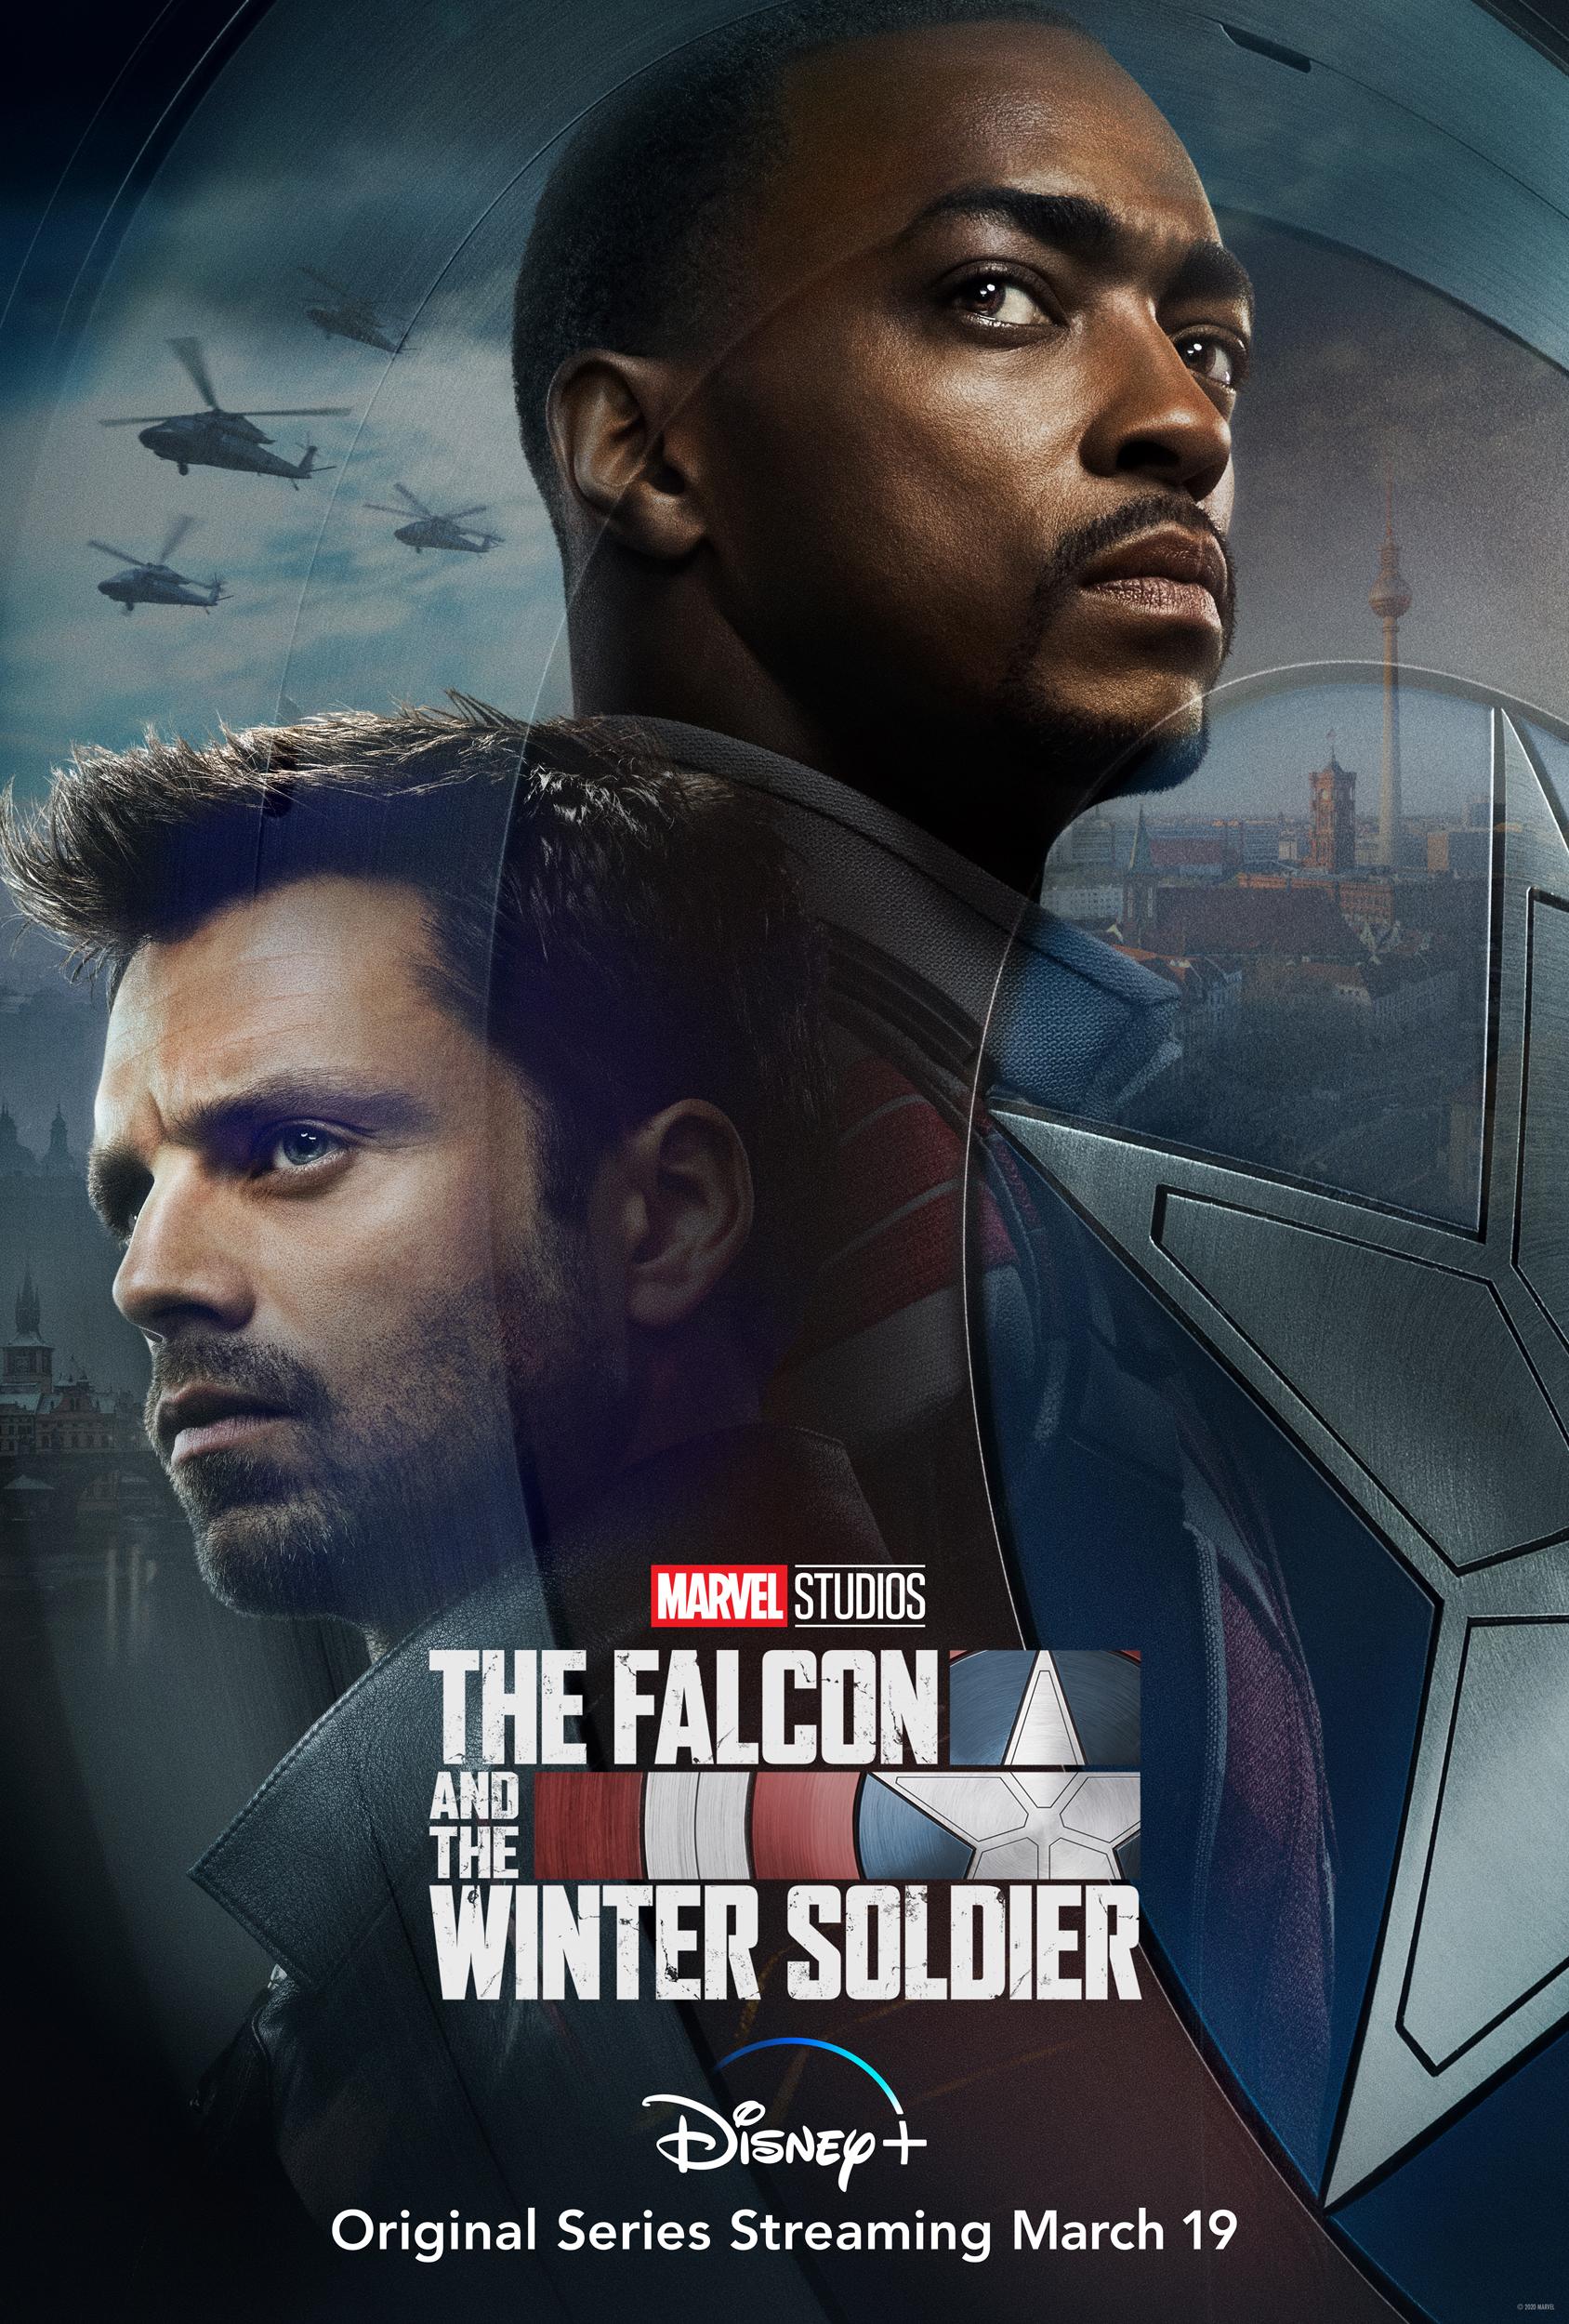 Falcon et le Soldat de l'Hiver [Marvel - 2021] Eo6s1fkW8AEHxI_?format=jpg&name=4096x4096